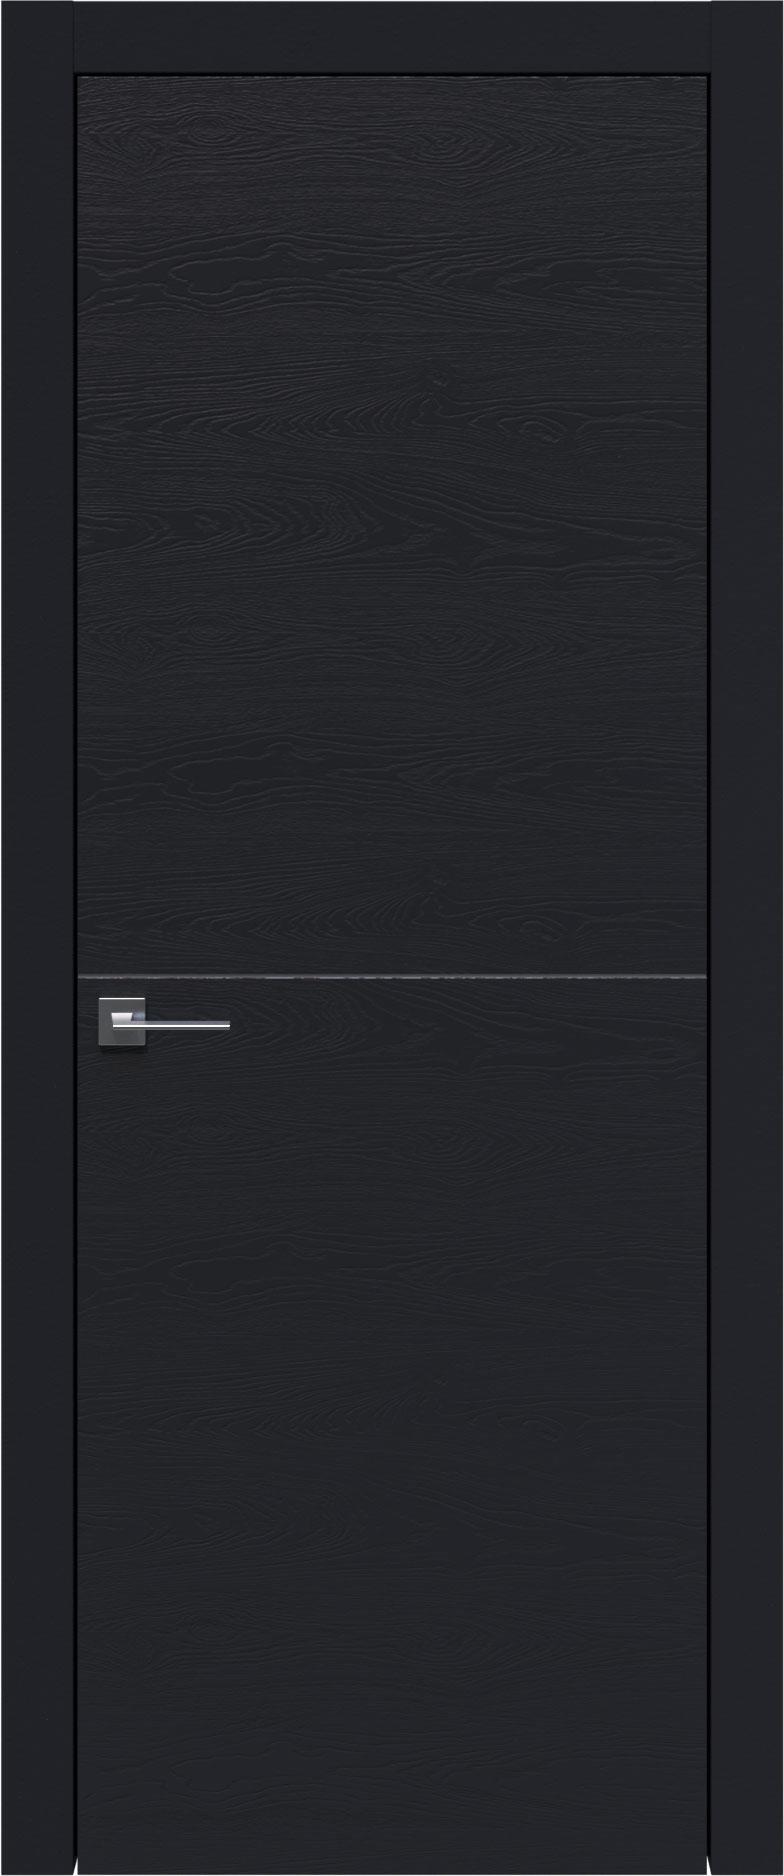 Tivoli Б-3 цвет - Черная эмаль по шпону (RAL 9004) Без стекла (ДГ)